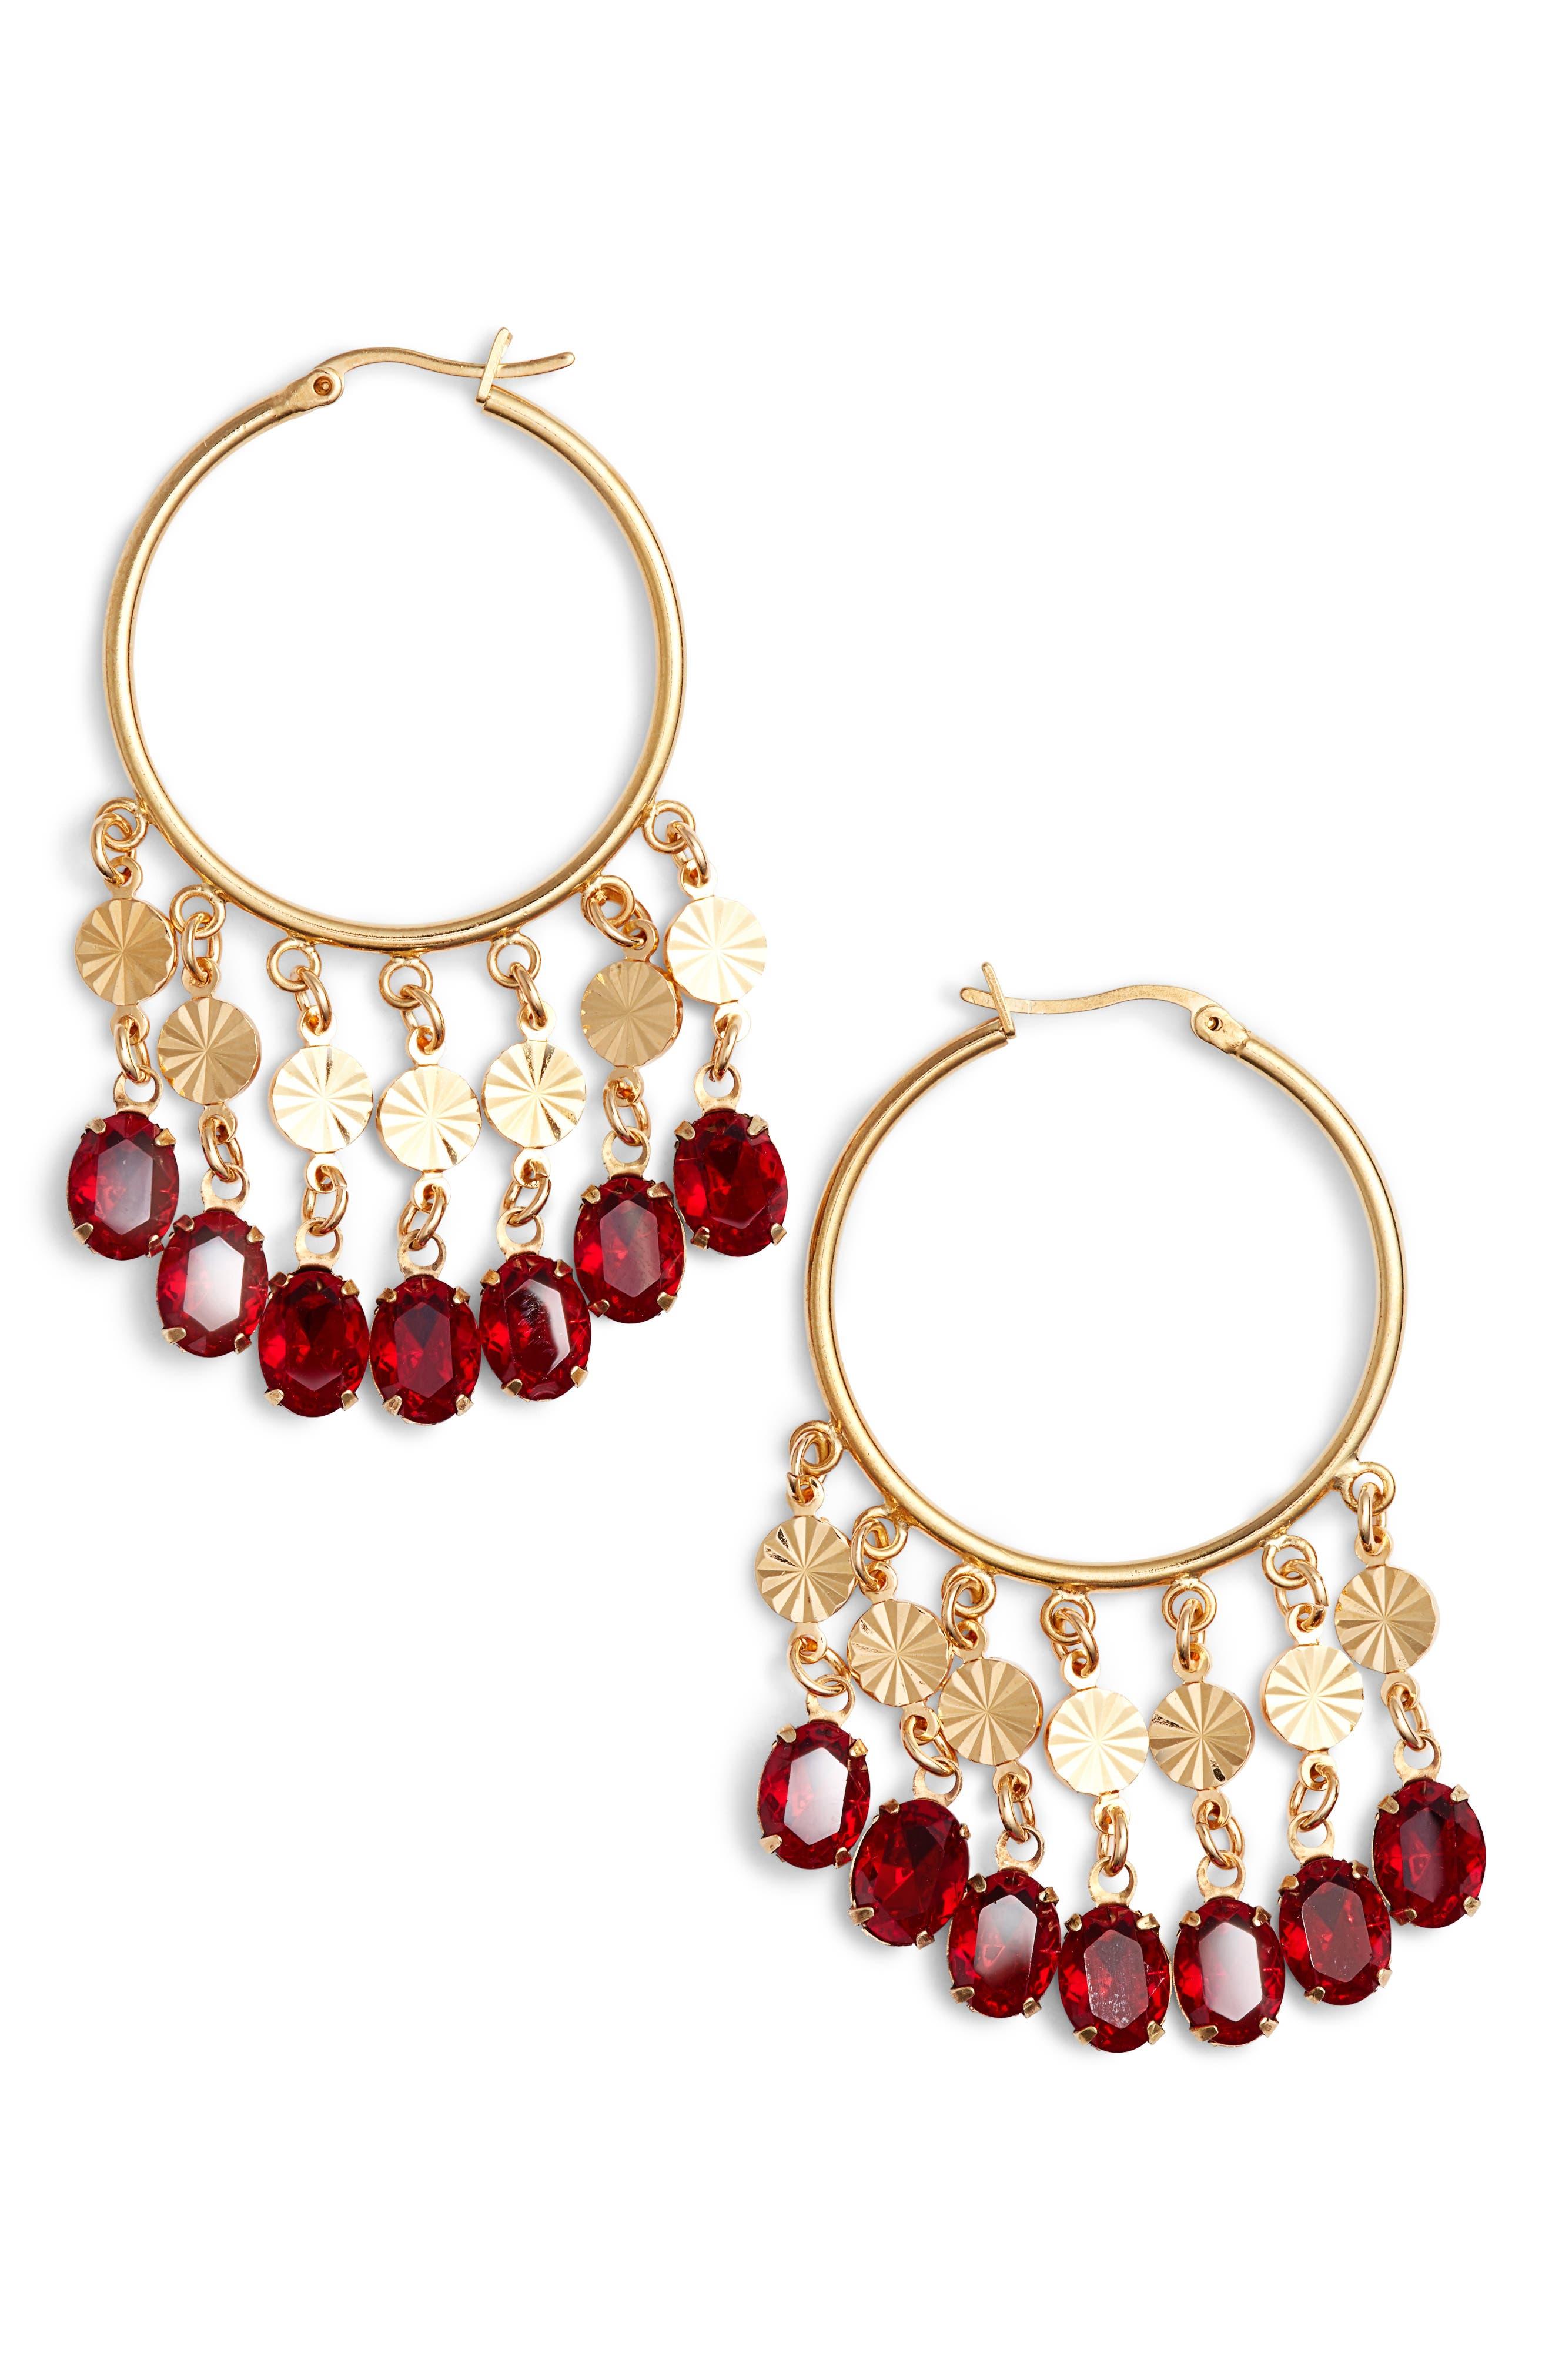 Cha Cha Hoop Earrings,                             Main thumbnail 1, color,                             710